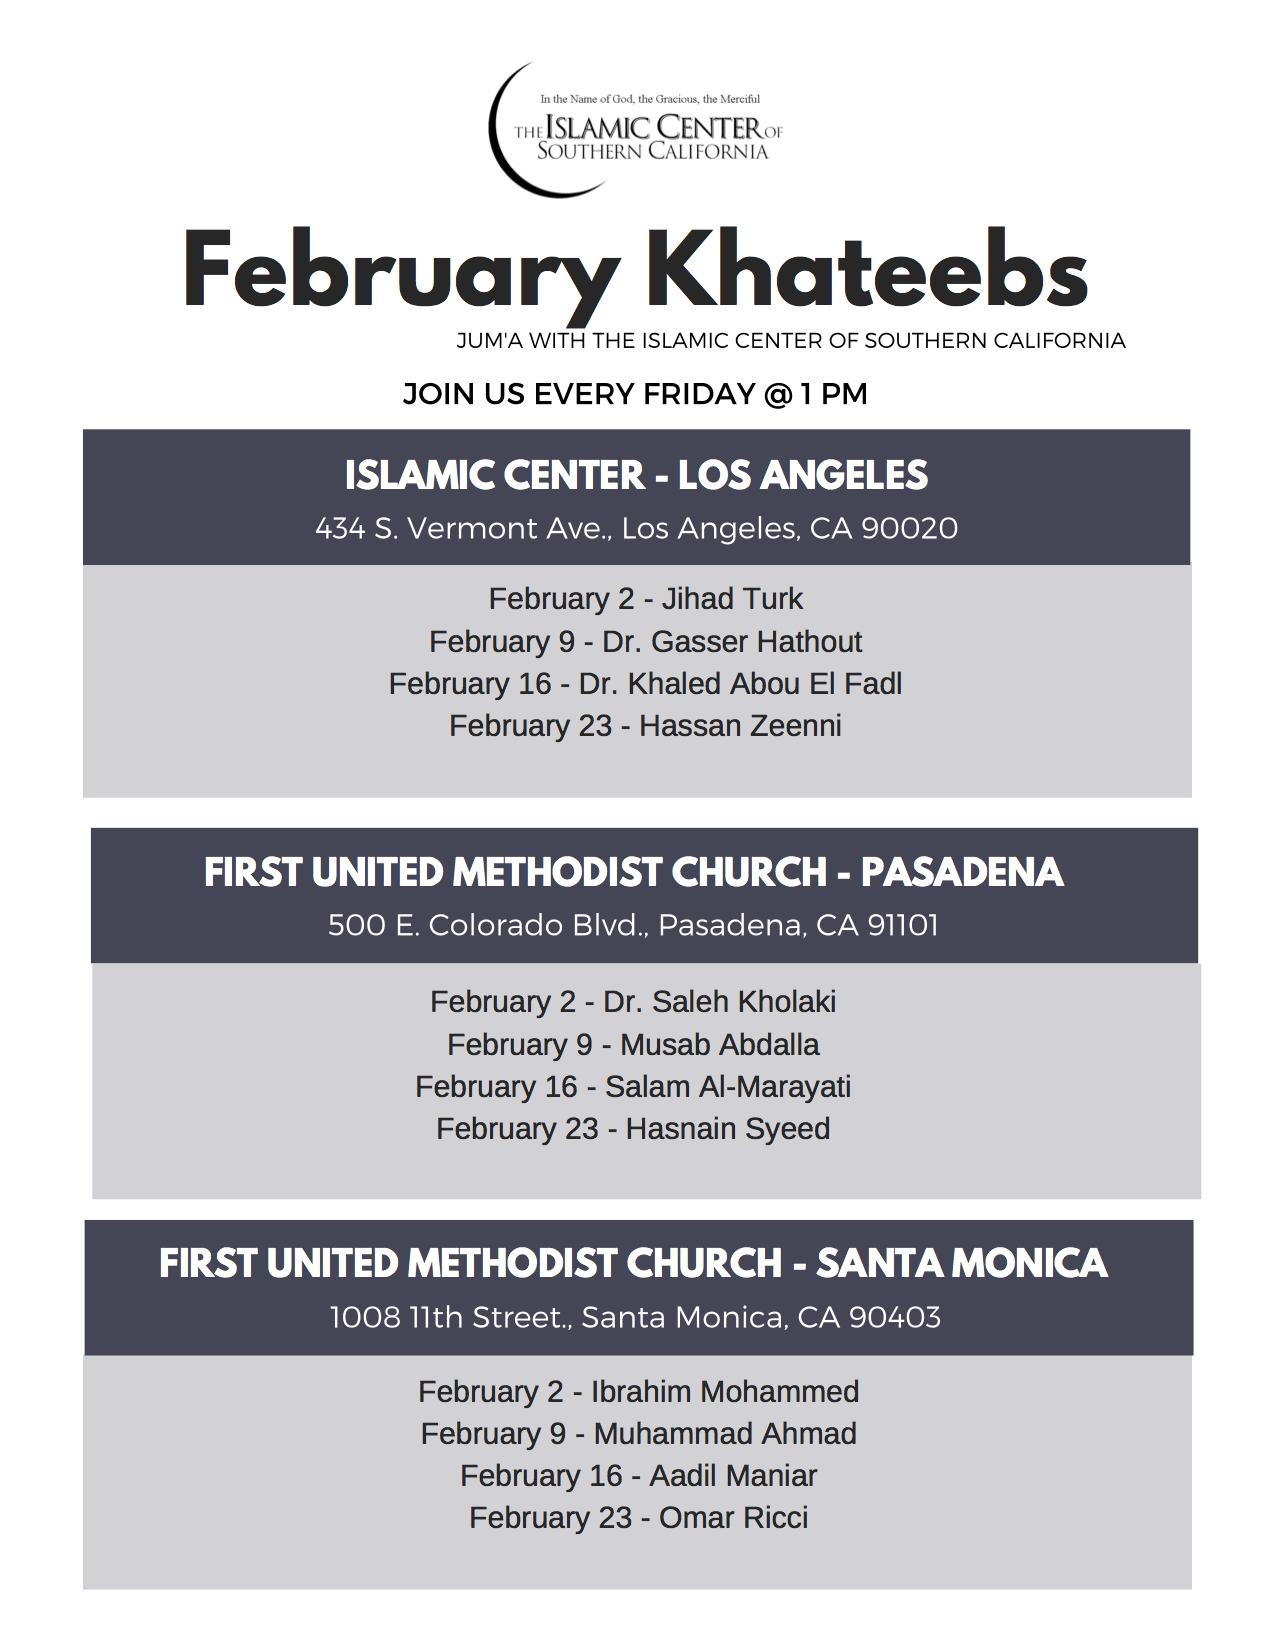 February Khateeb Schedule